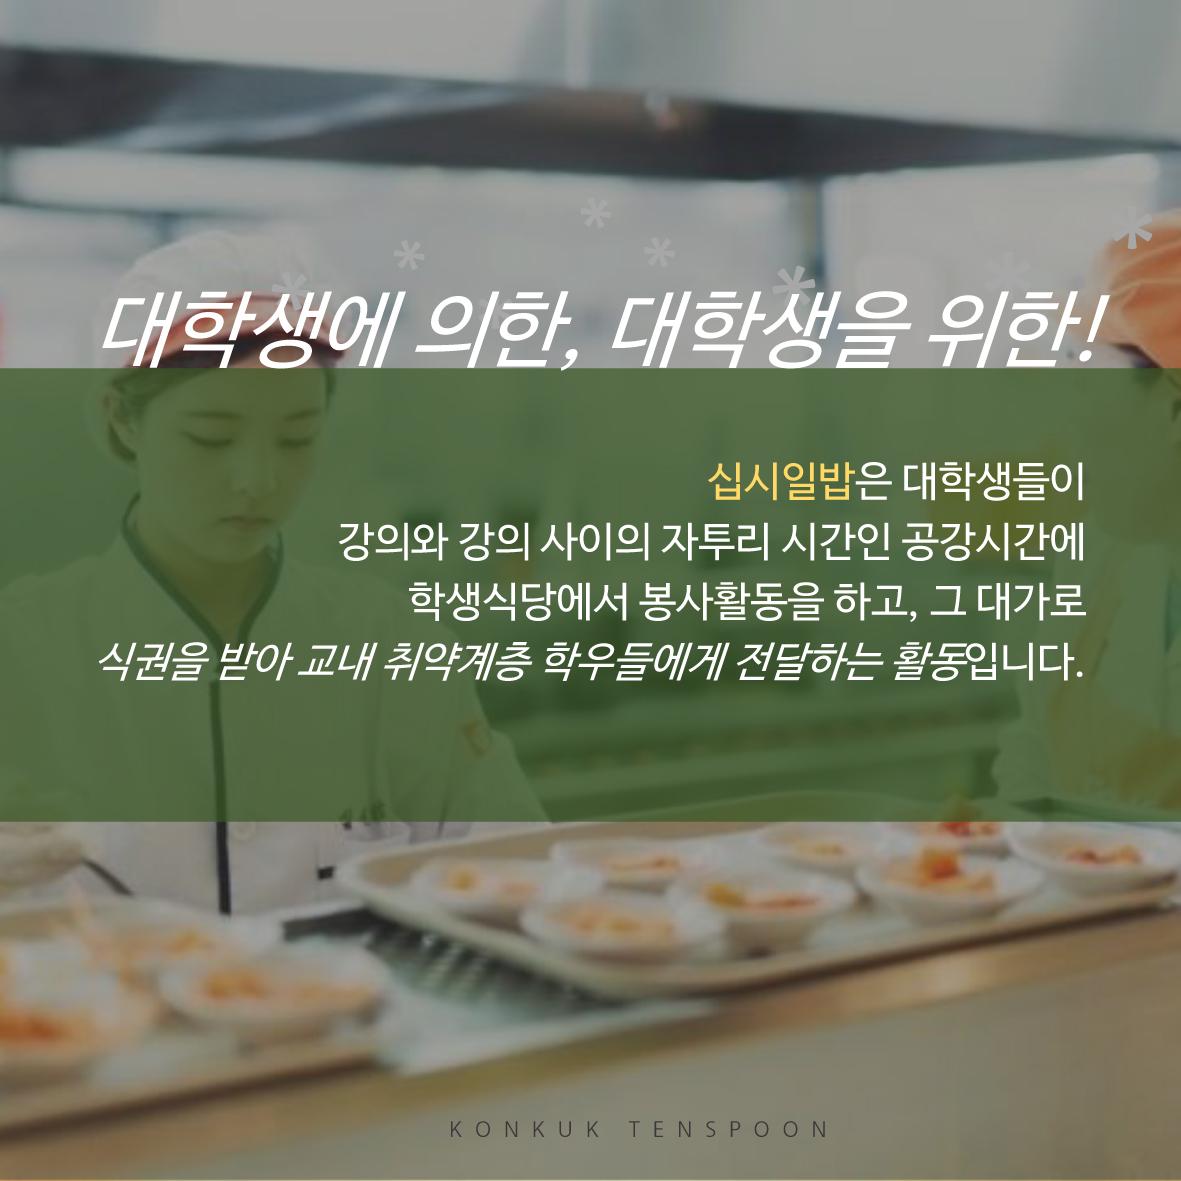 십시일밥 카드뉴스_완성-4.jpg